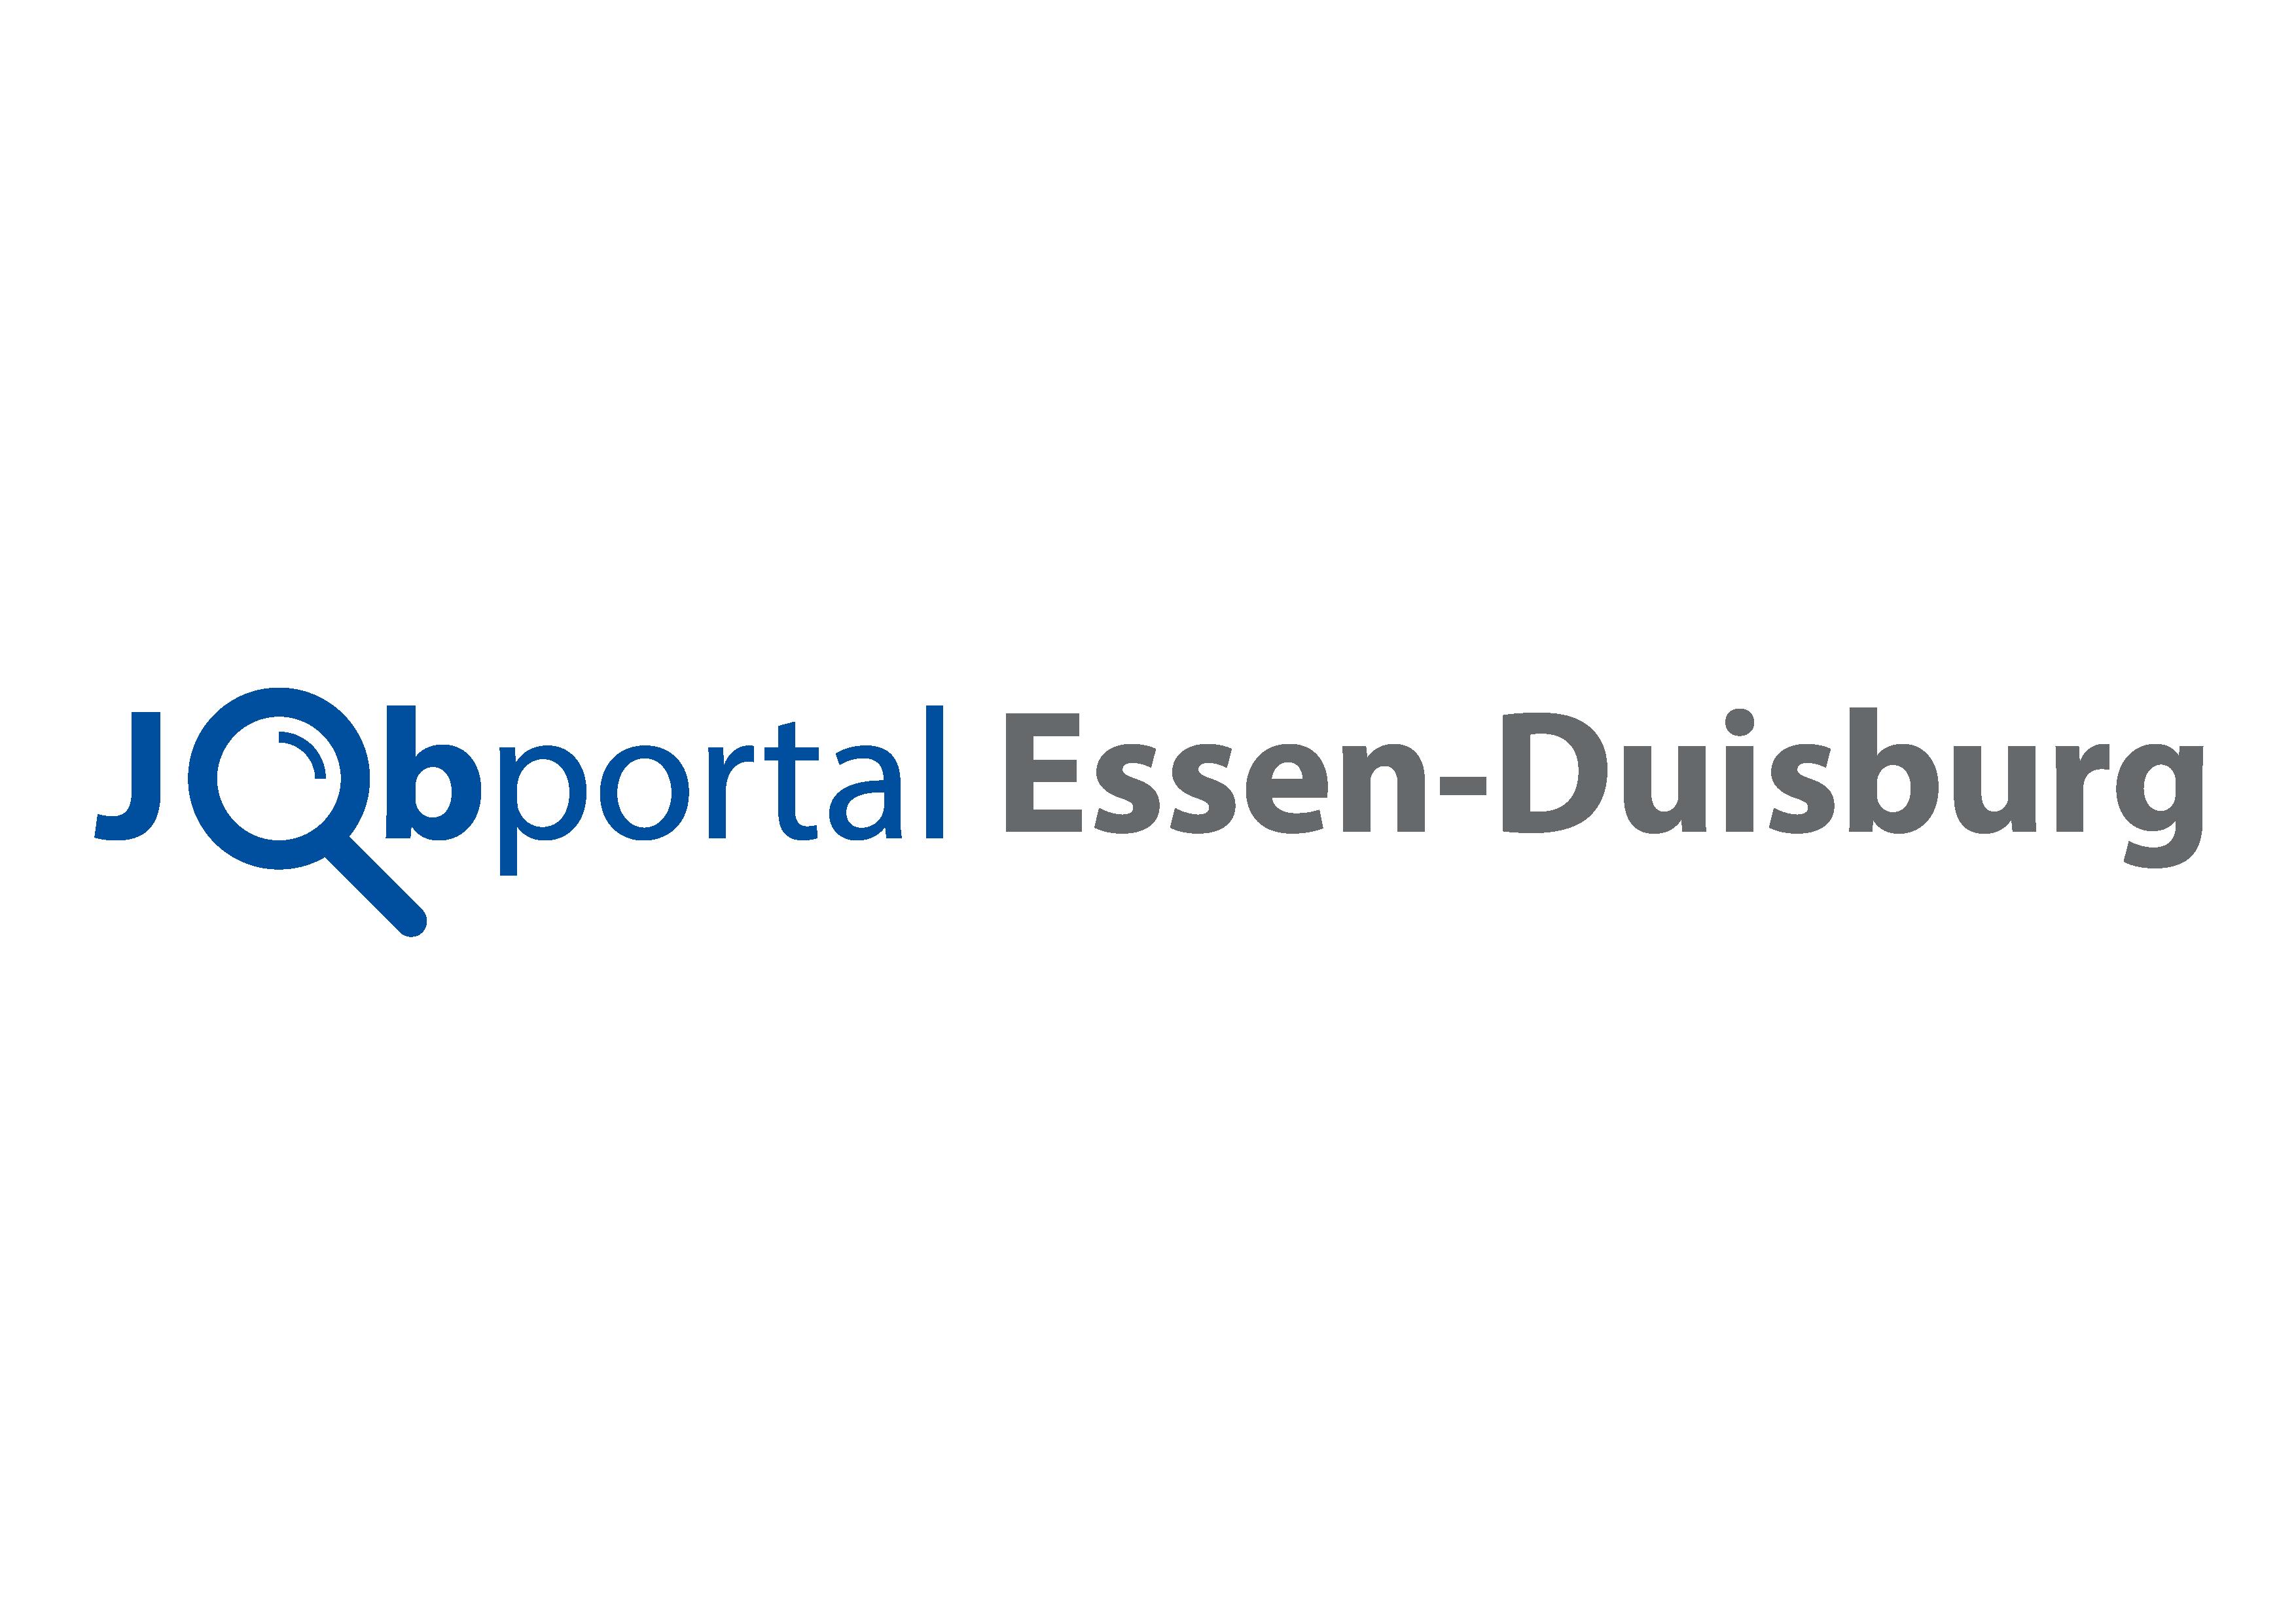 Jobportal Essen-Duisburg